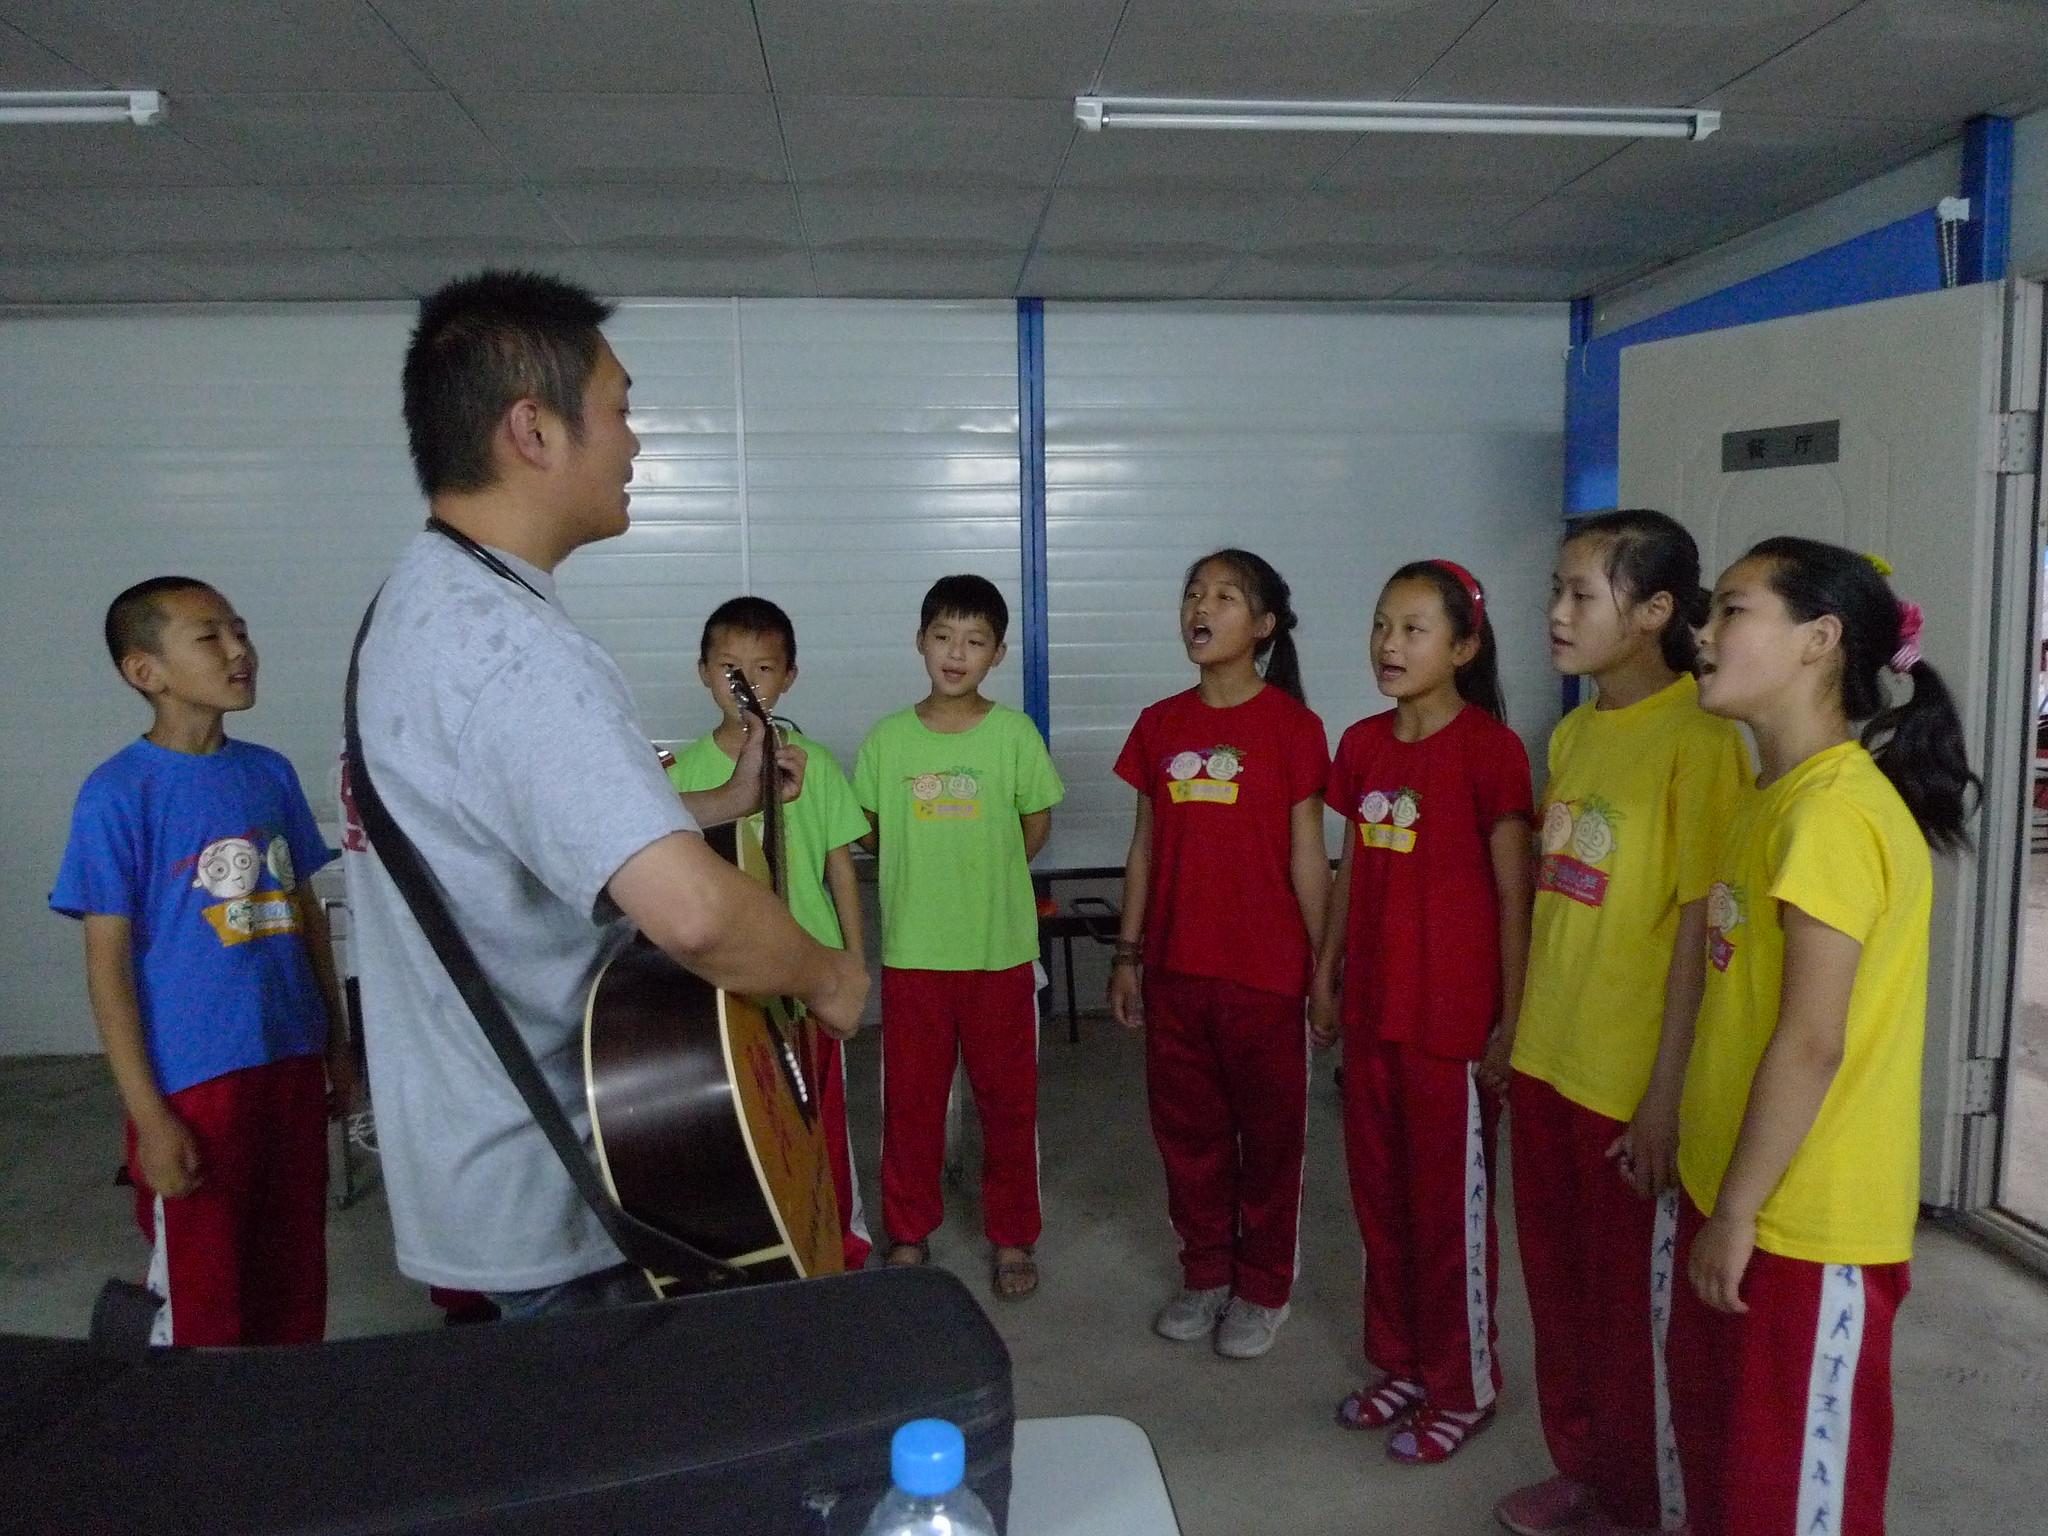 孫恆帶著孩子們一起練習,準備到工地獻唱。